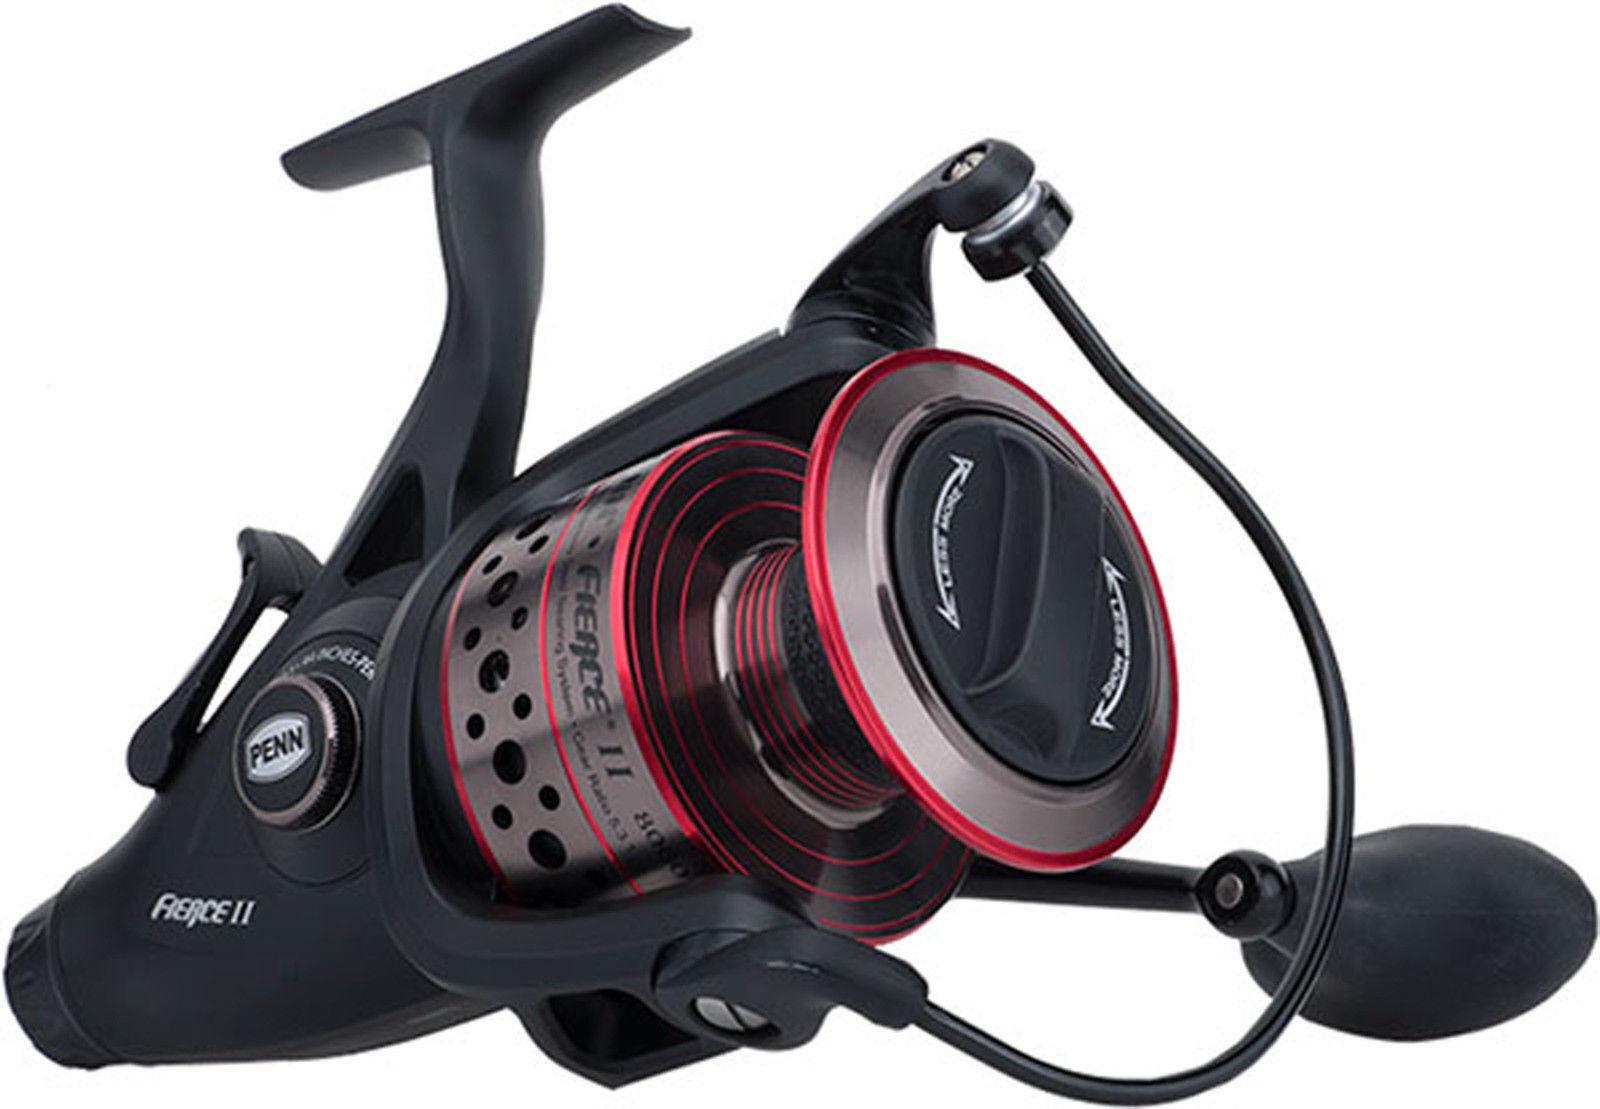 Penn FIERCE 2 II LIVE LINER  Bait Feeder 6000 Spin Fishing Spin Reel + Warranty  sale online discount